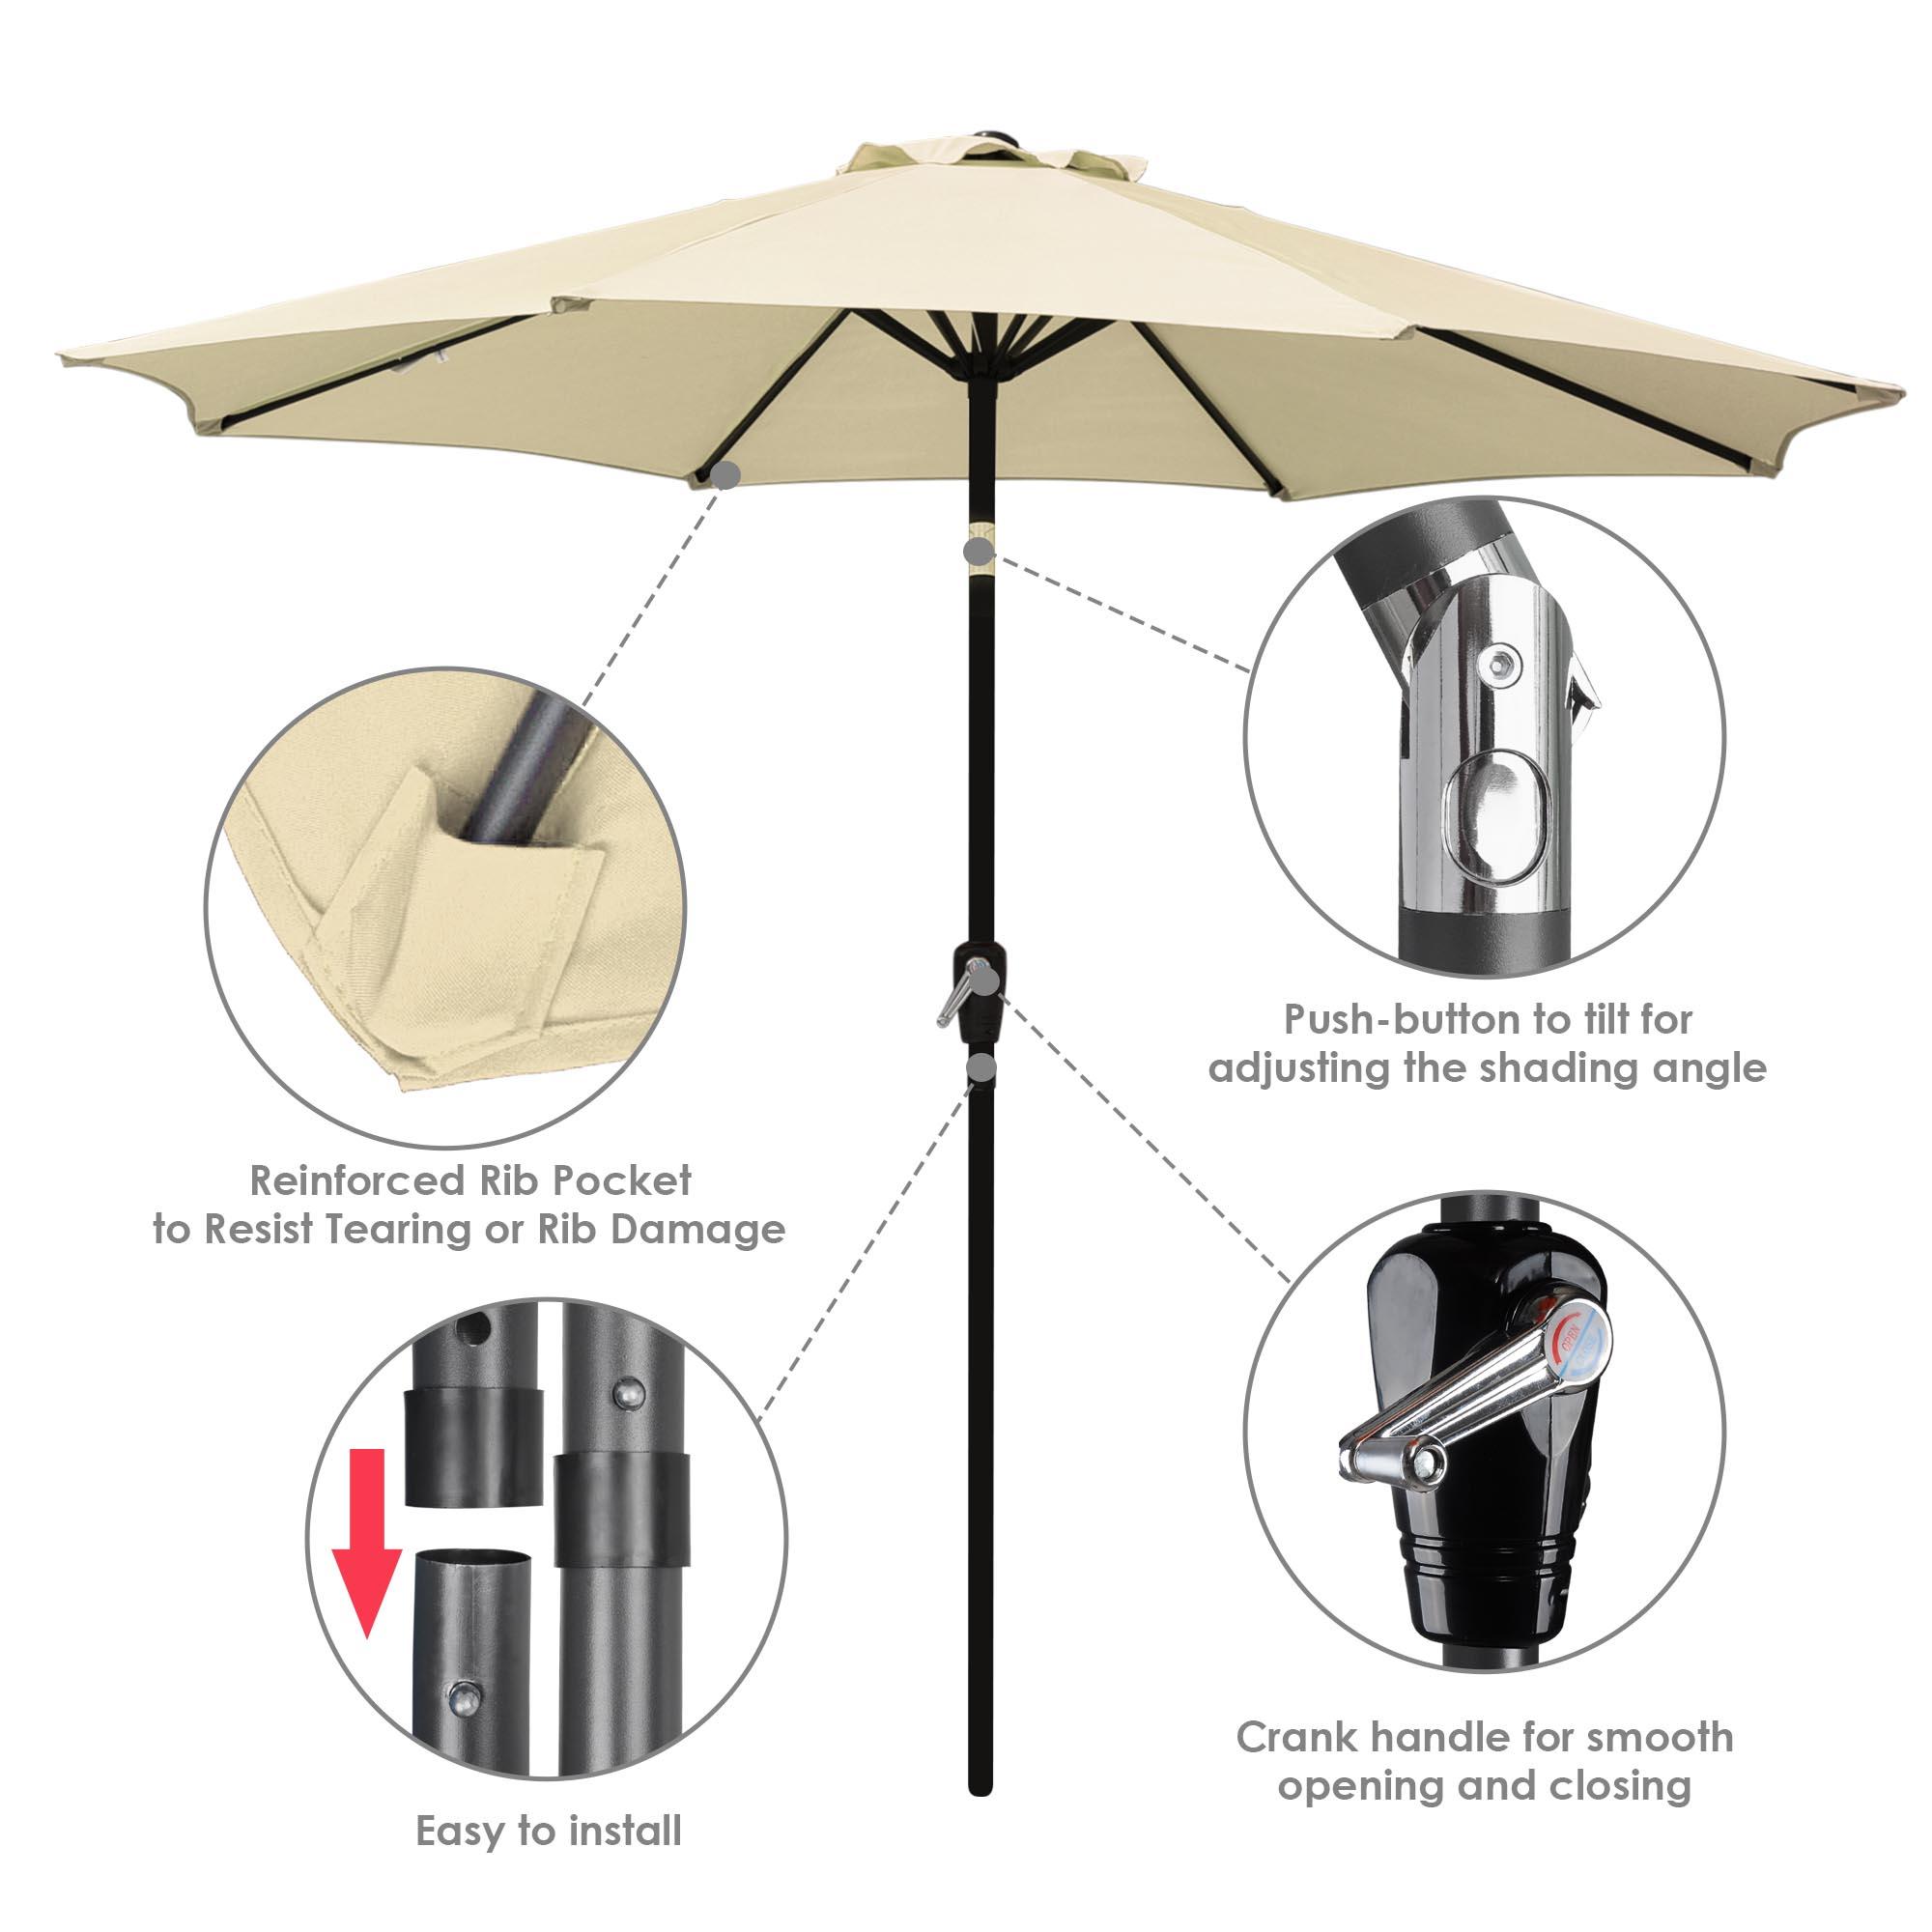 thumbnail 24 - 9' Outdoor Umbrella Patio 8 Ribs Market Garden Crank Tilt Beach Sunshade Parasol